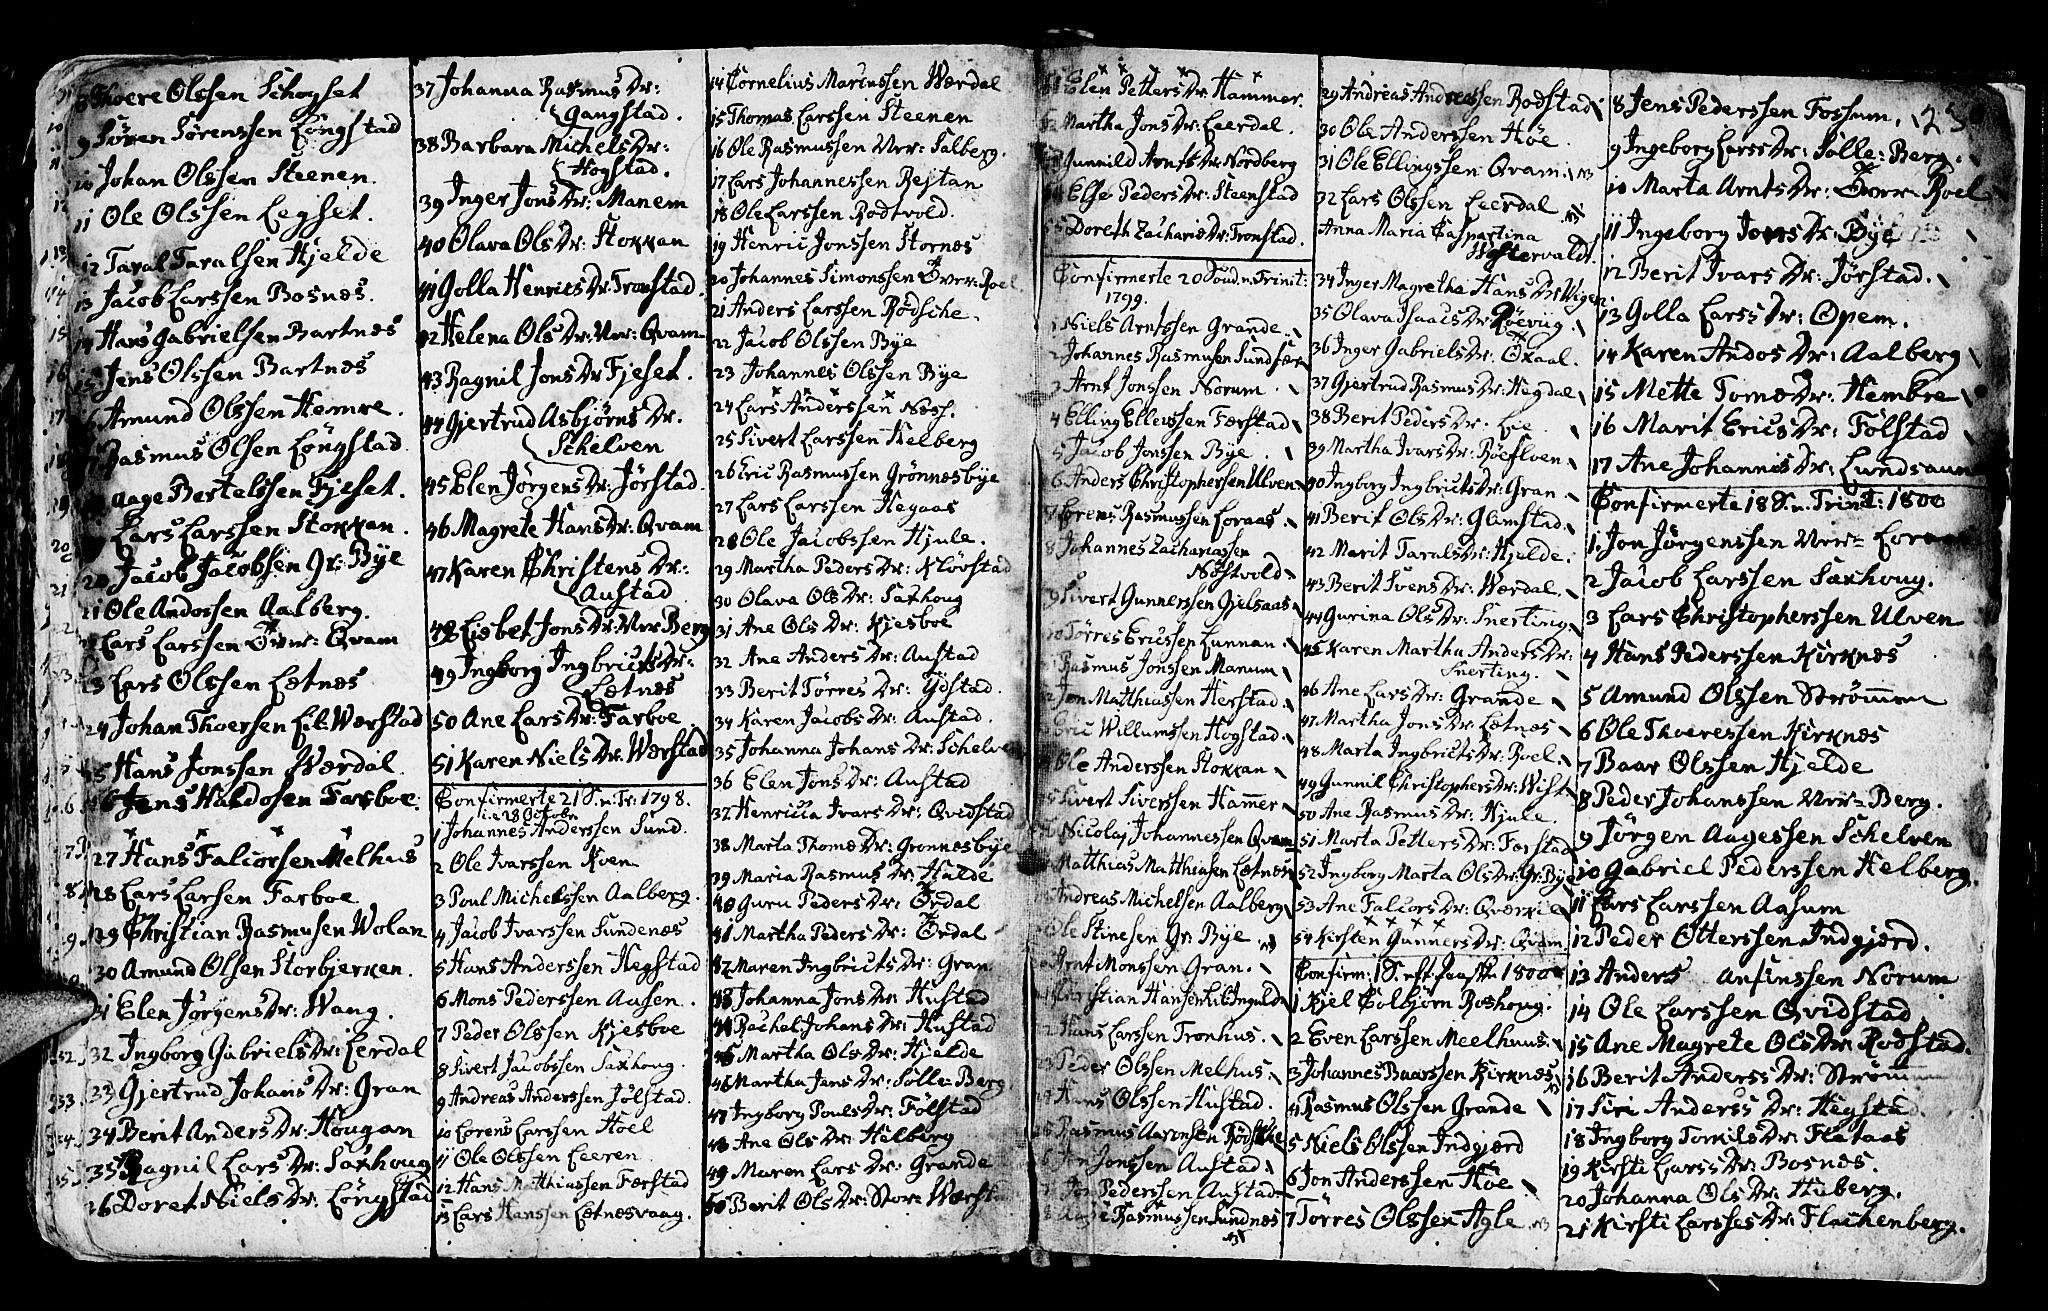 SAT, Ministerialprotokoller, klokkerbøker og fødselsregistre - Nord-Trøndelag, 730/L0273: Ministerialbok nr. 730A02, 1762-1802, s. 230